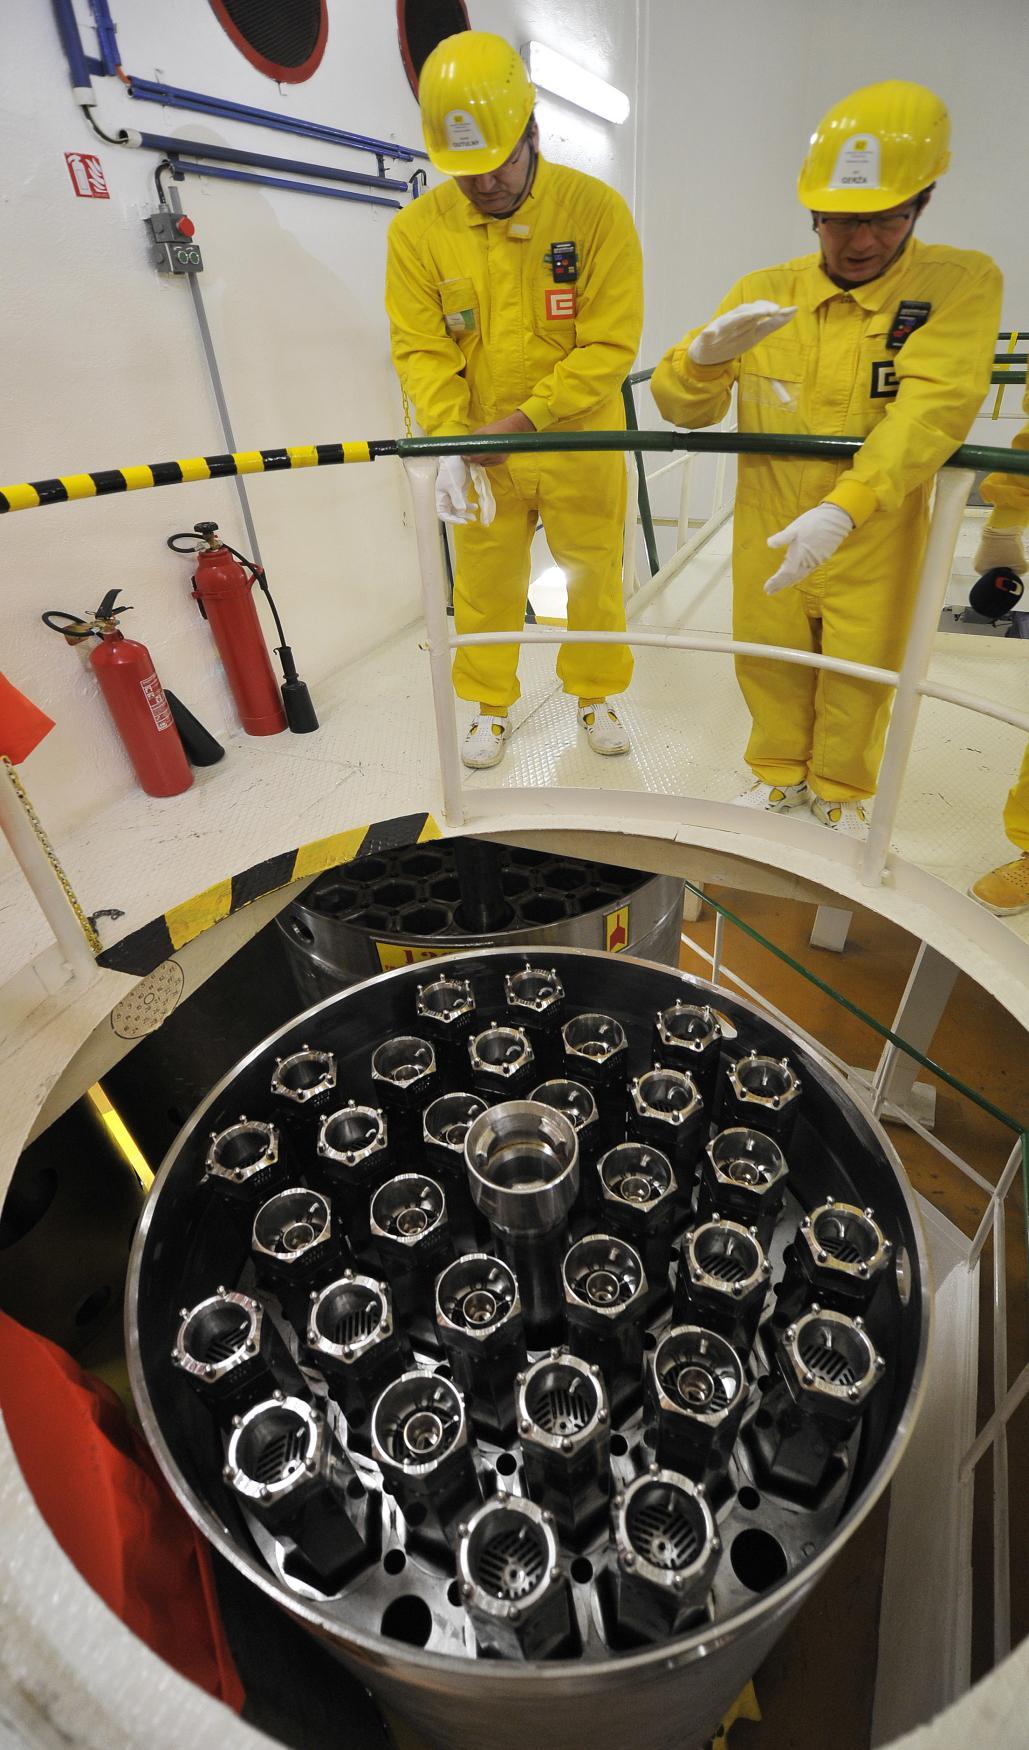 Pracovníci elektrárny připravují zásobníky s novými palivovými tyčemi pro dukovanský reaktor